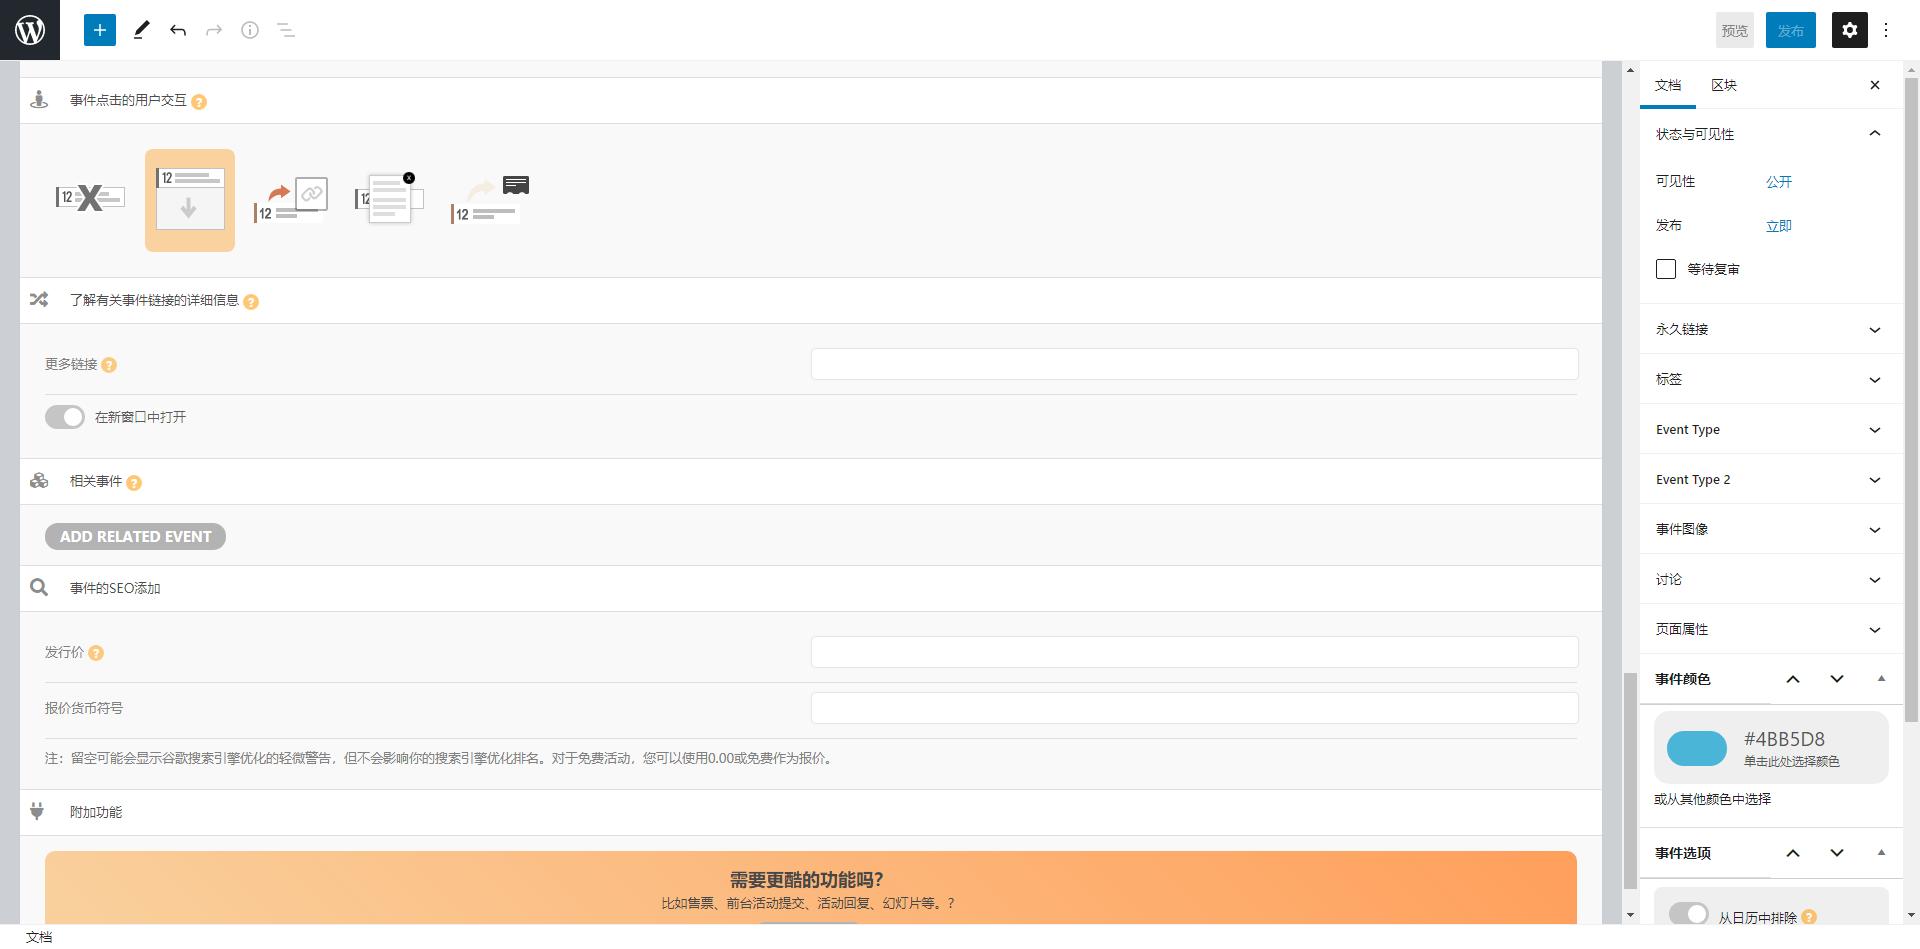 【汉化插件】WordPress网站添加显示活动日历插件 EventON 汉化免激活版 v 3.0.6-WordPress汉化资源